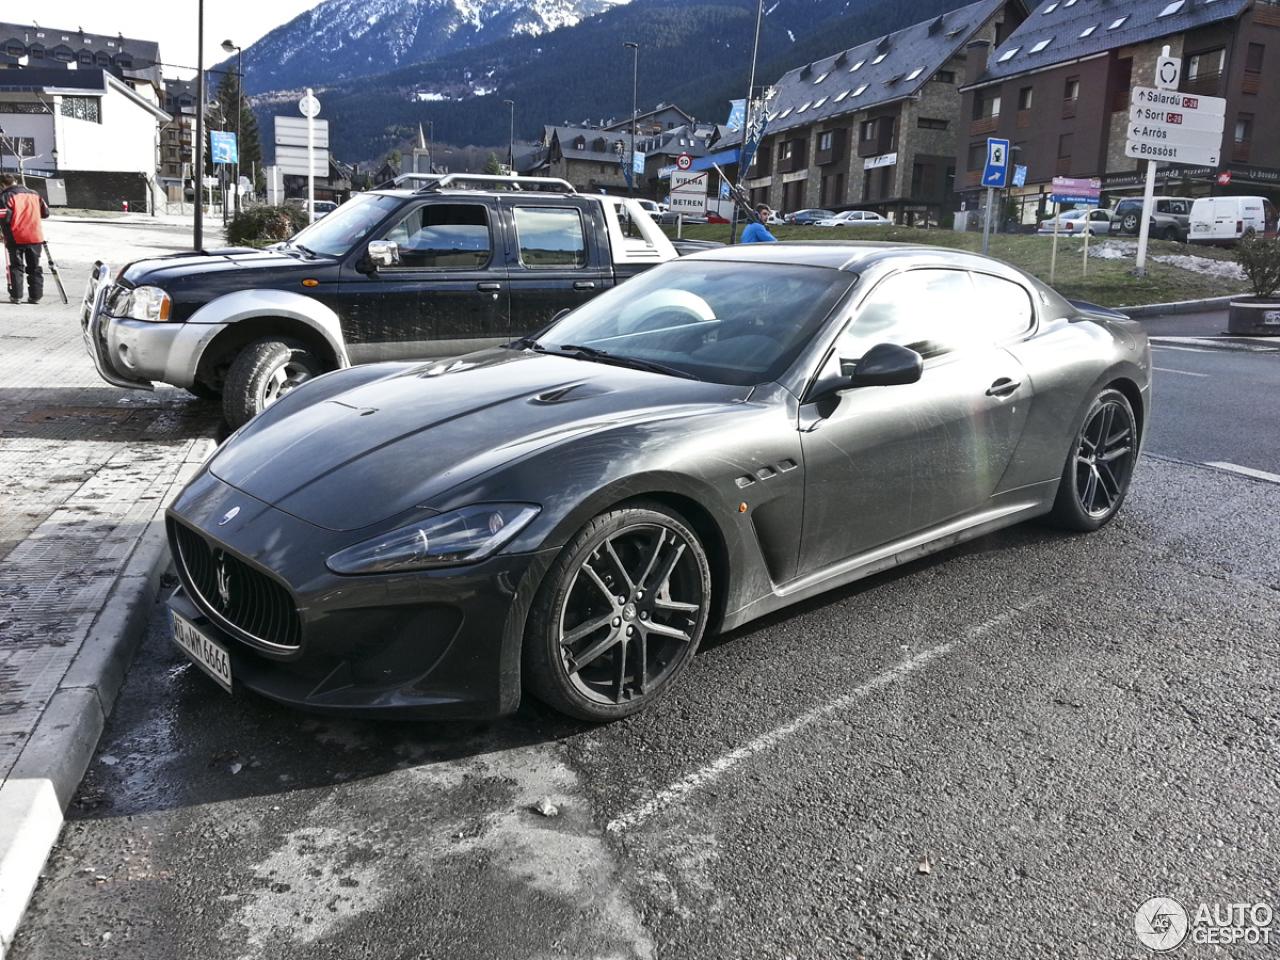 Maserati Granturismo Mc Stradale 24 March 2014 Autogespot